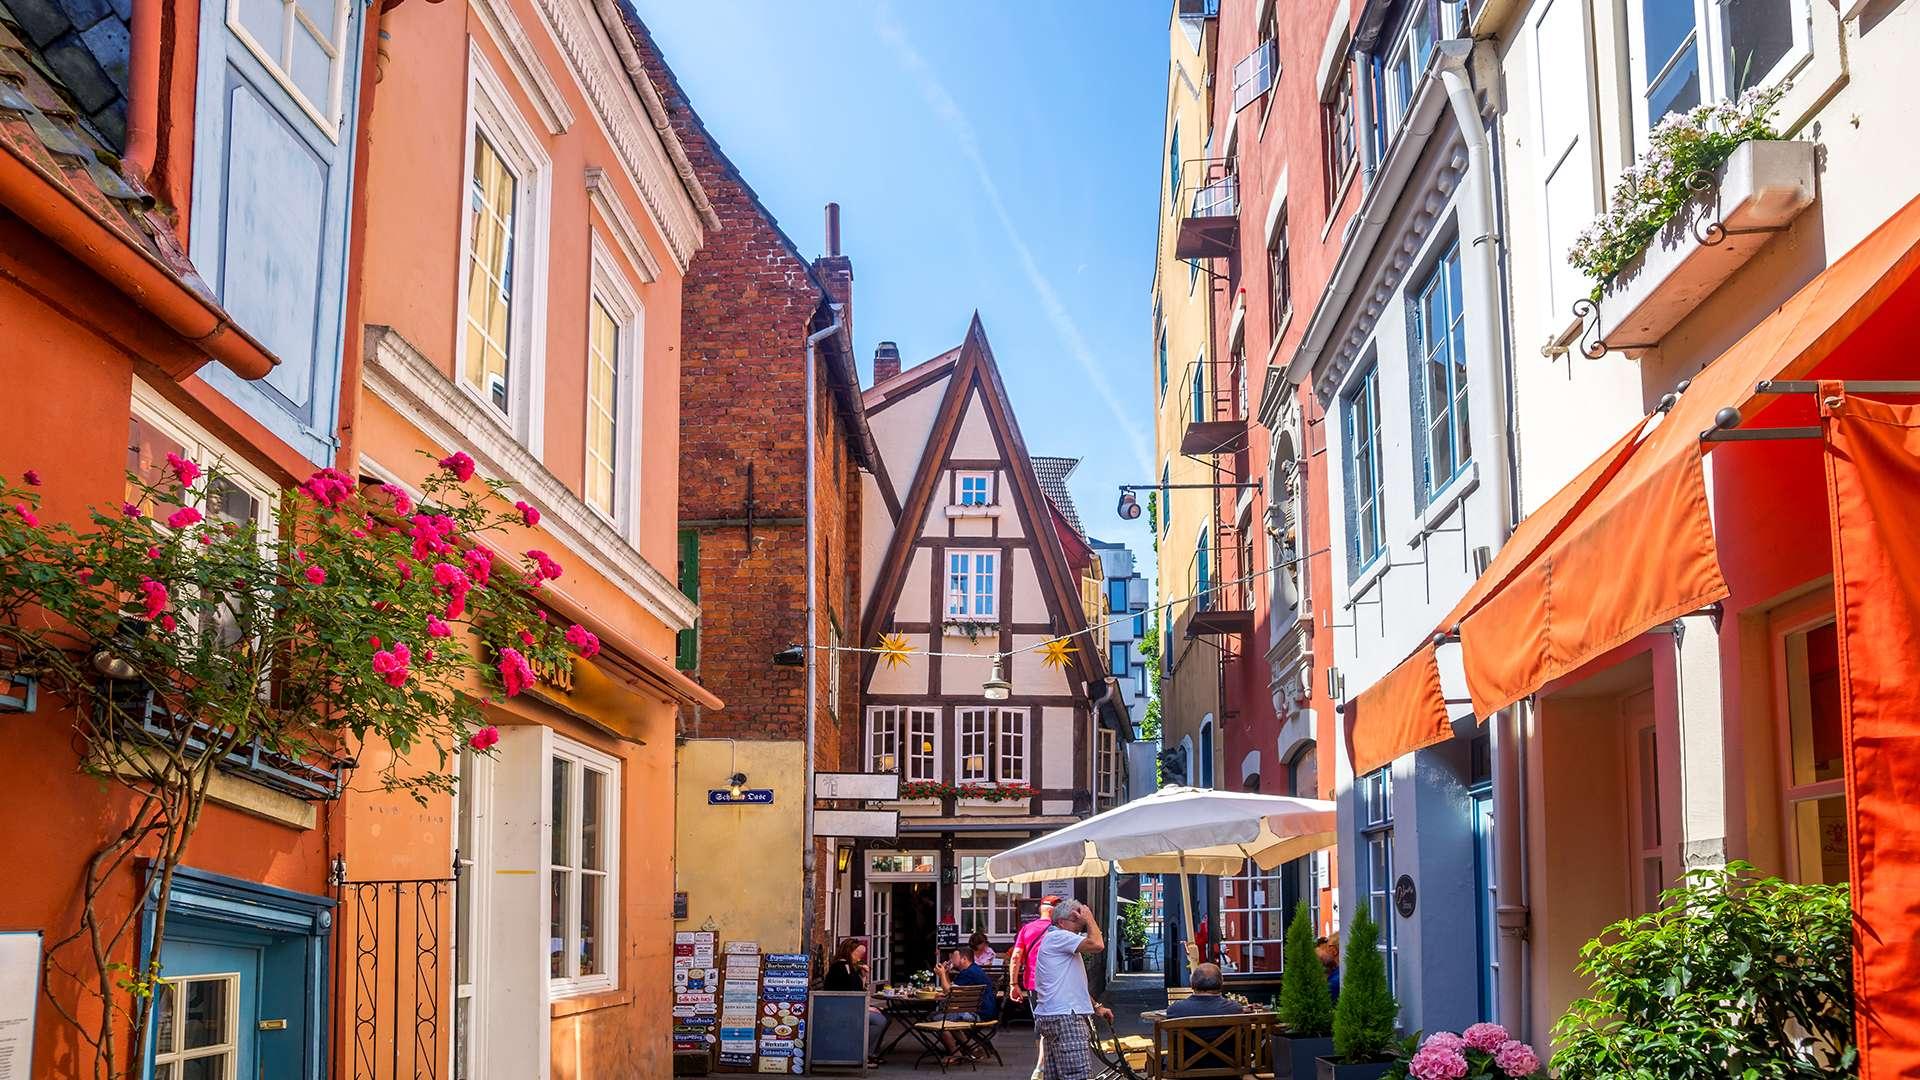 Blick in eine Gasse von Bremen